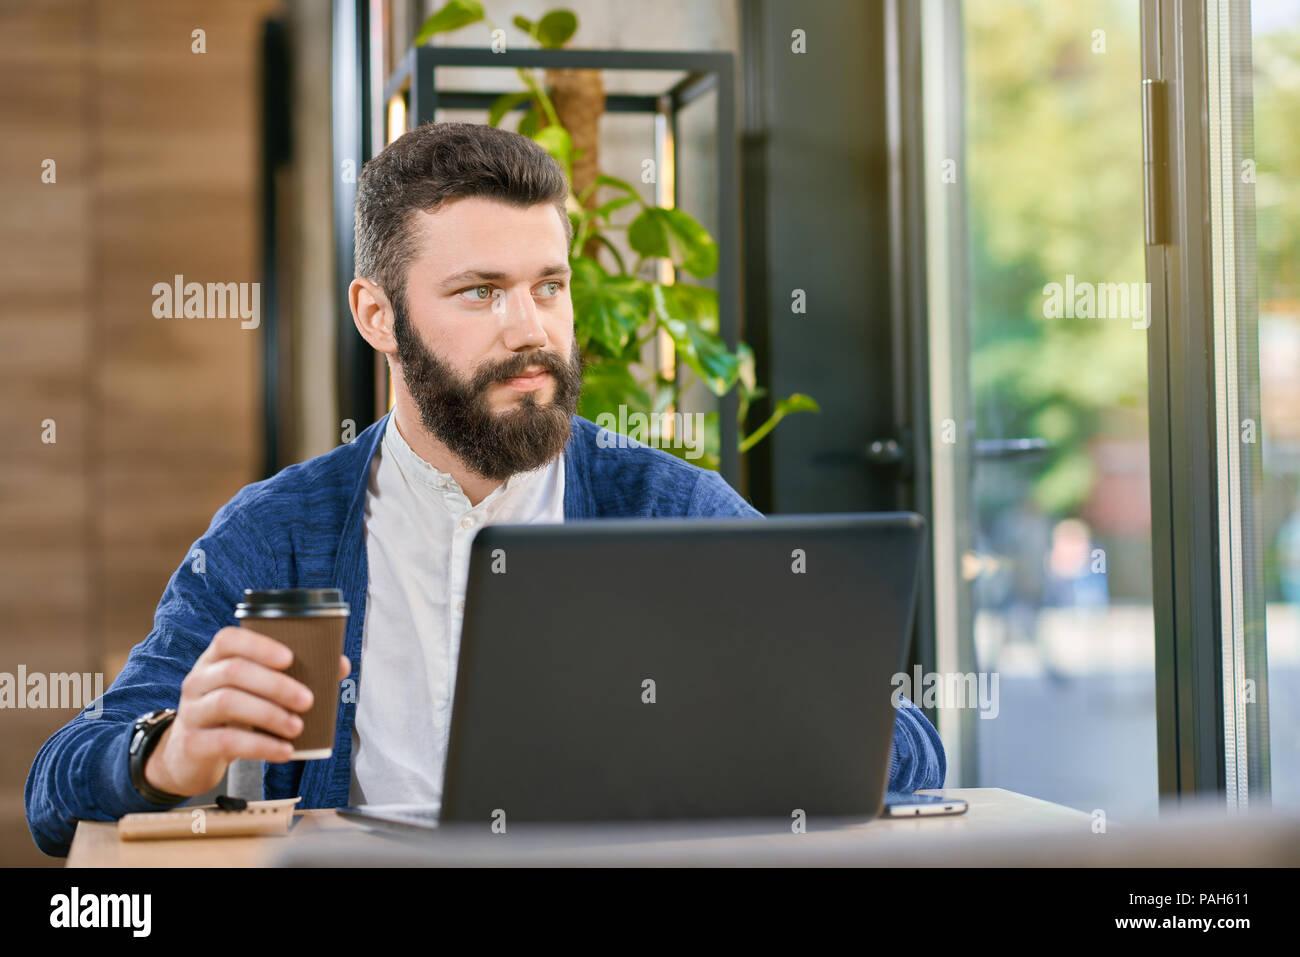 Attraktiver Mann mit Bart und blaue Augen arbeiten mit Laptop in der ...